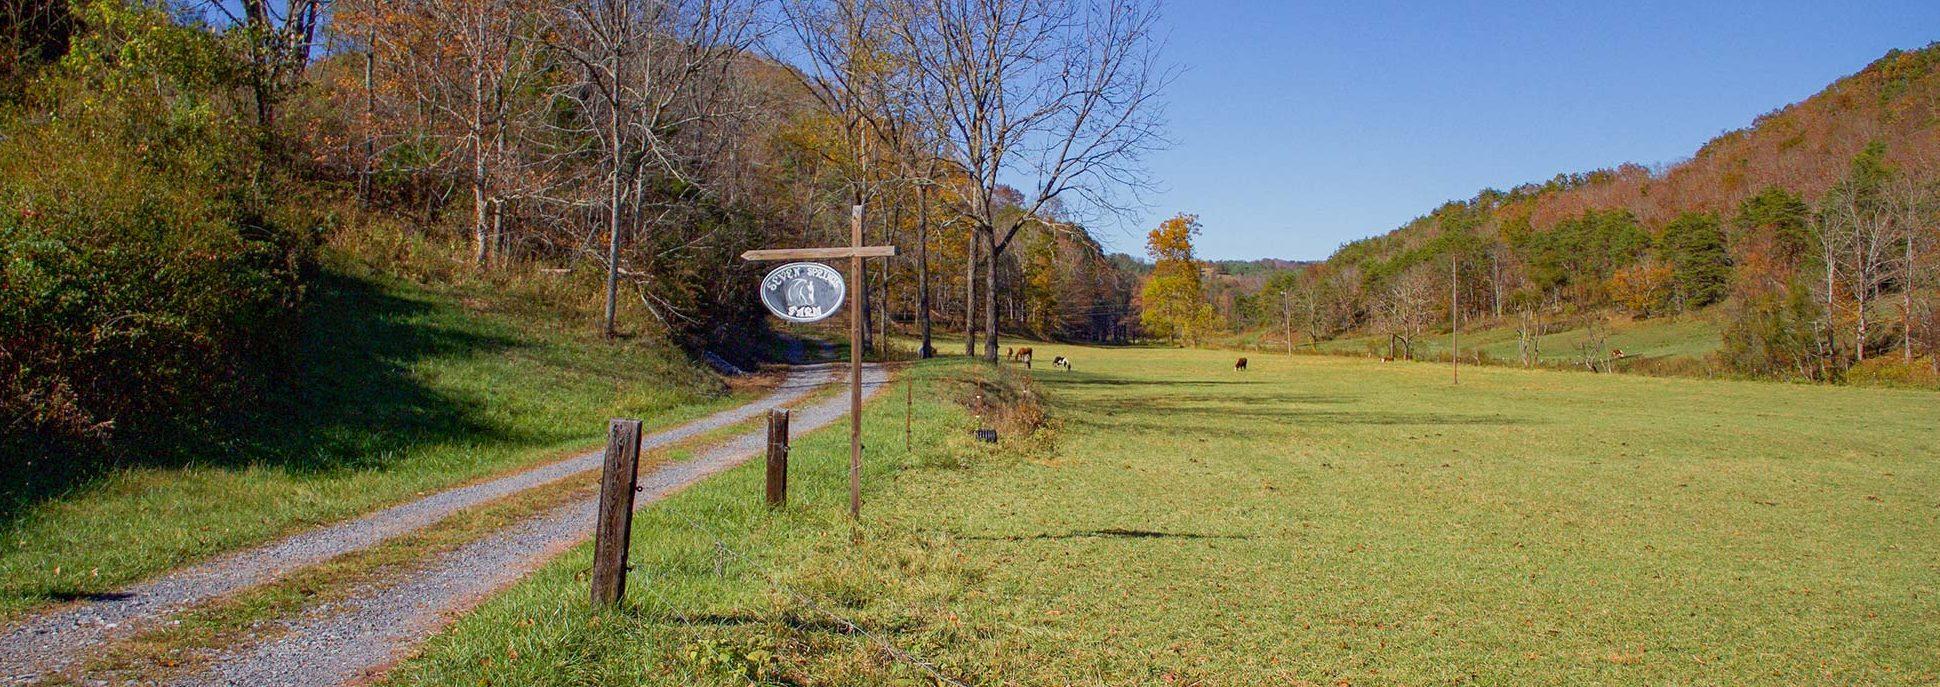 Backroads of Monroe